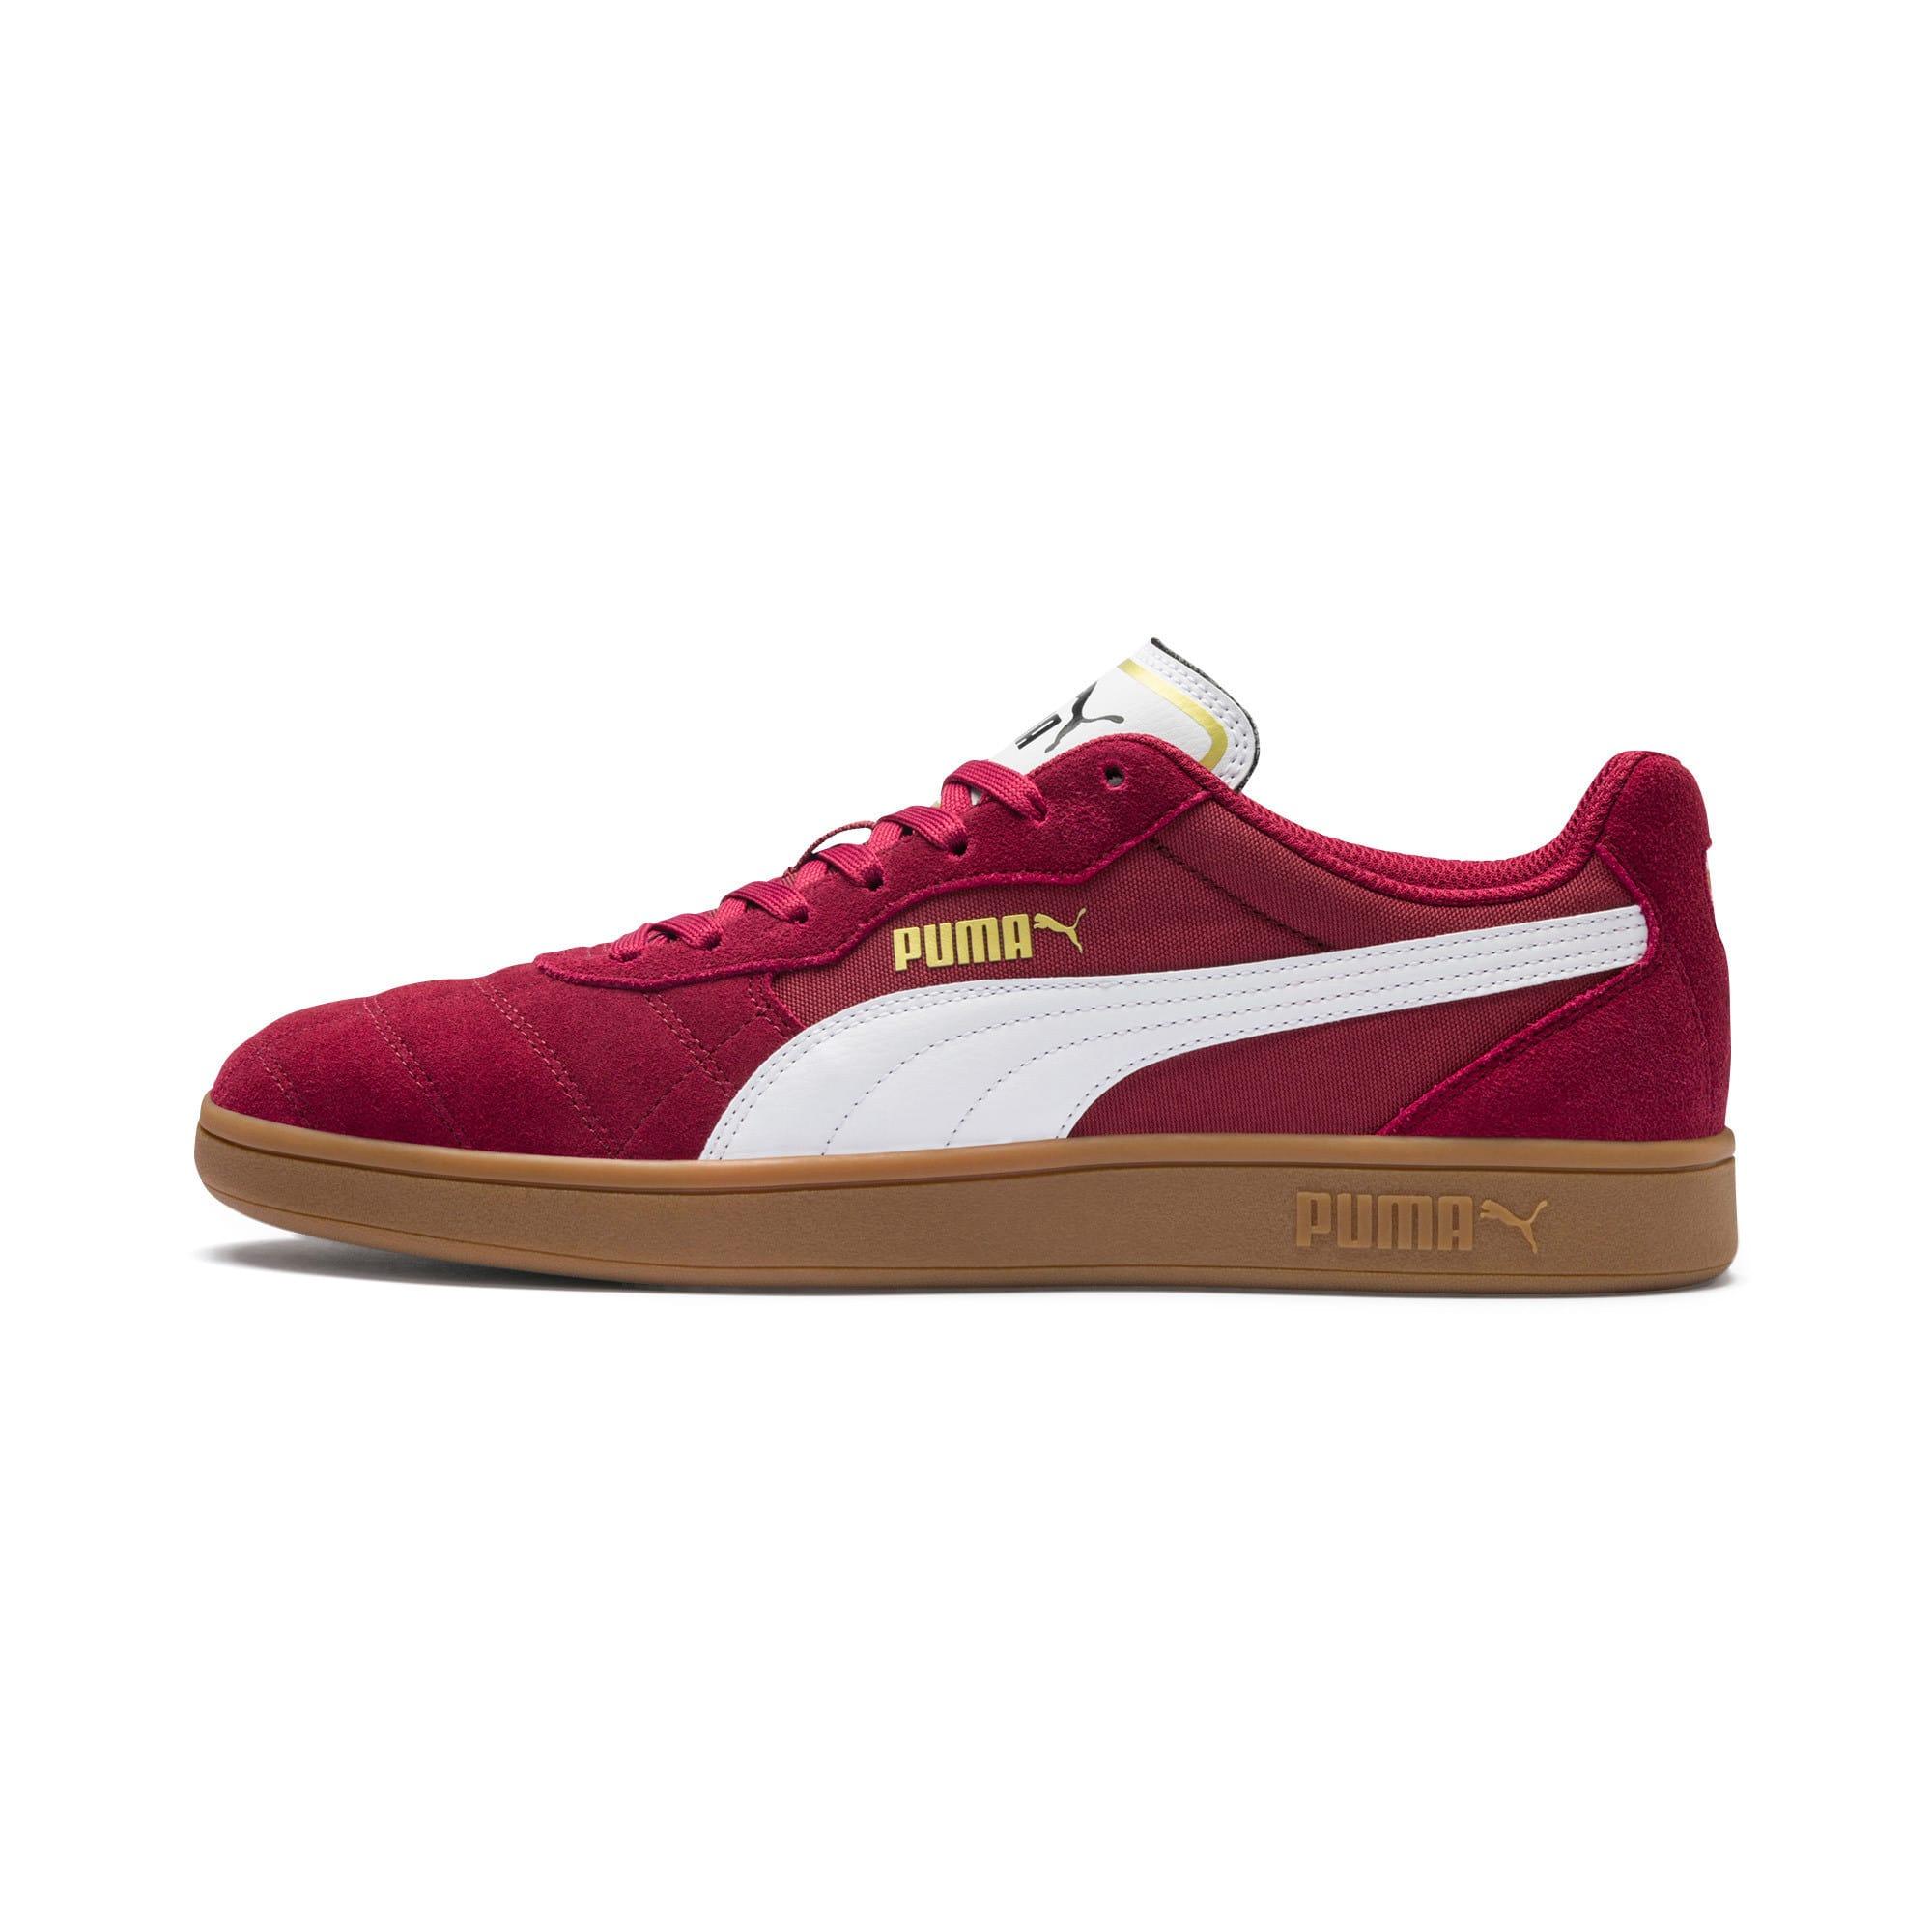 Thumbnail 1 of Astro Kick Sneakers, Cordovan-Puma White, medium